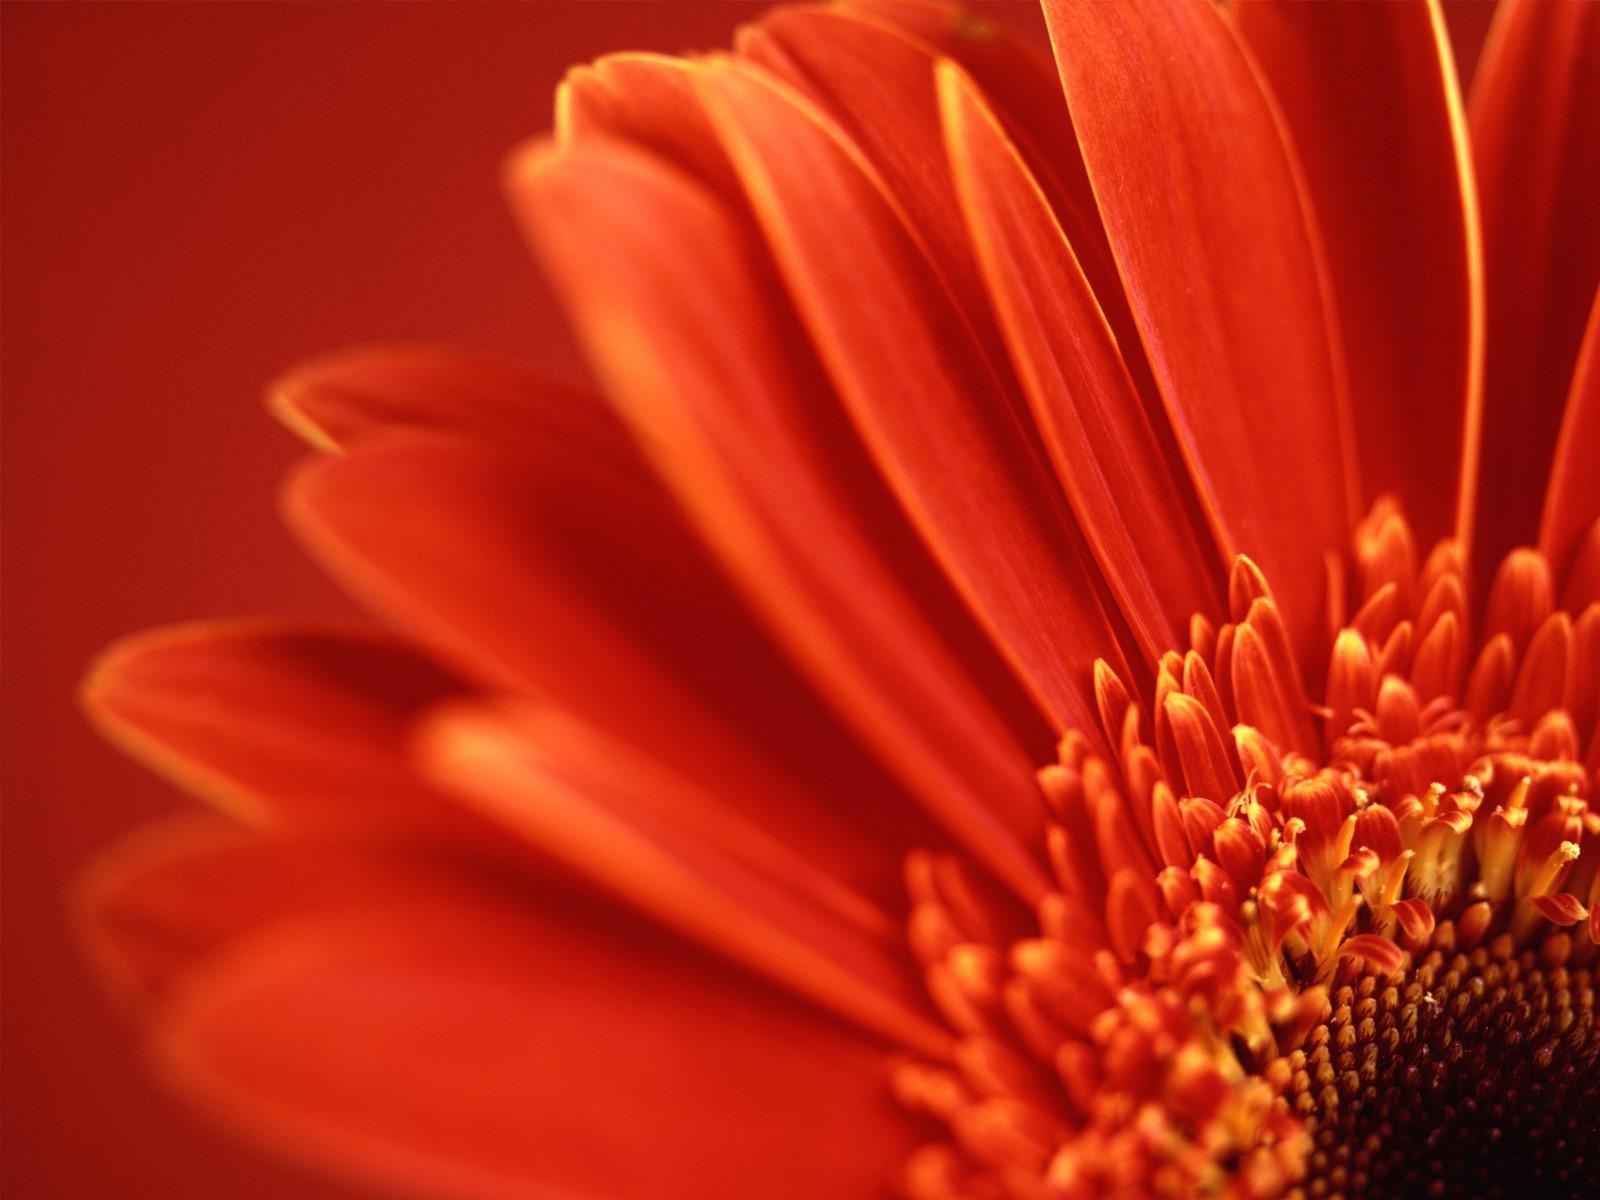 http://3.bp.blogspot.com/_U_sZXxdN2AE/TS9D6mTIbYI/AAAAAAAAAWk/7PVoF9Kzoq0/s1600/vista-red-flower-wallpapers_3528_1600x1200.jpg